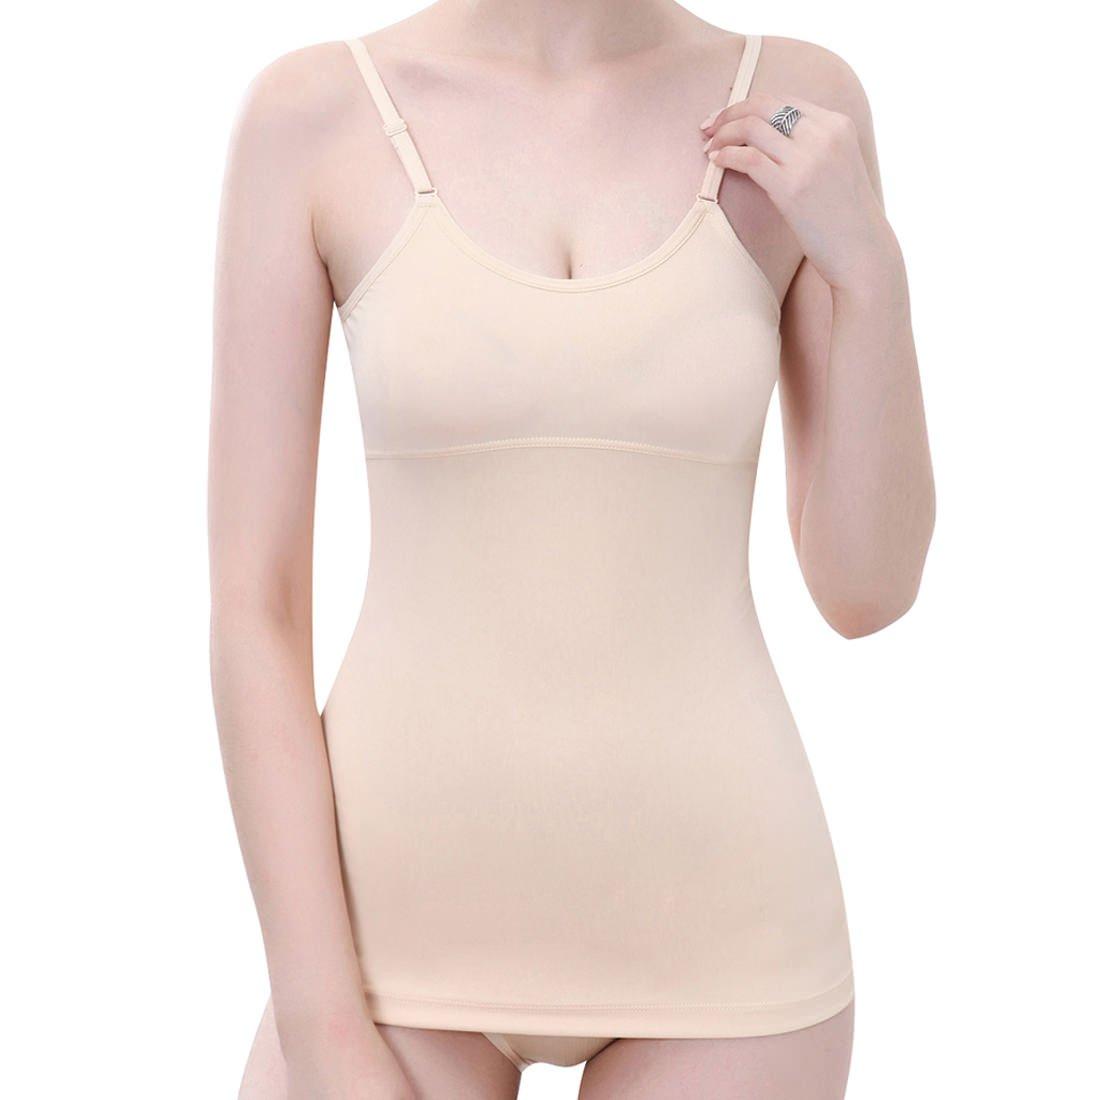 Everbellus Fajas Reductoras Adelgazantes Camisetas Moldeadora Body Reductor Compresión Ropa Interior para Mujer product image